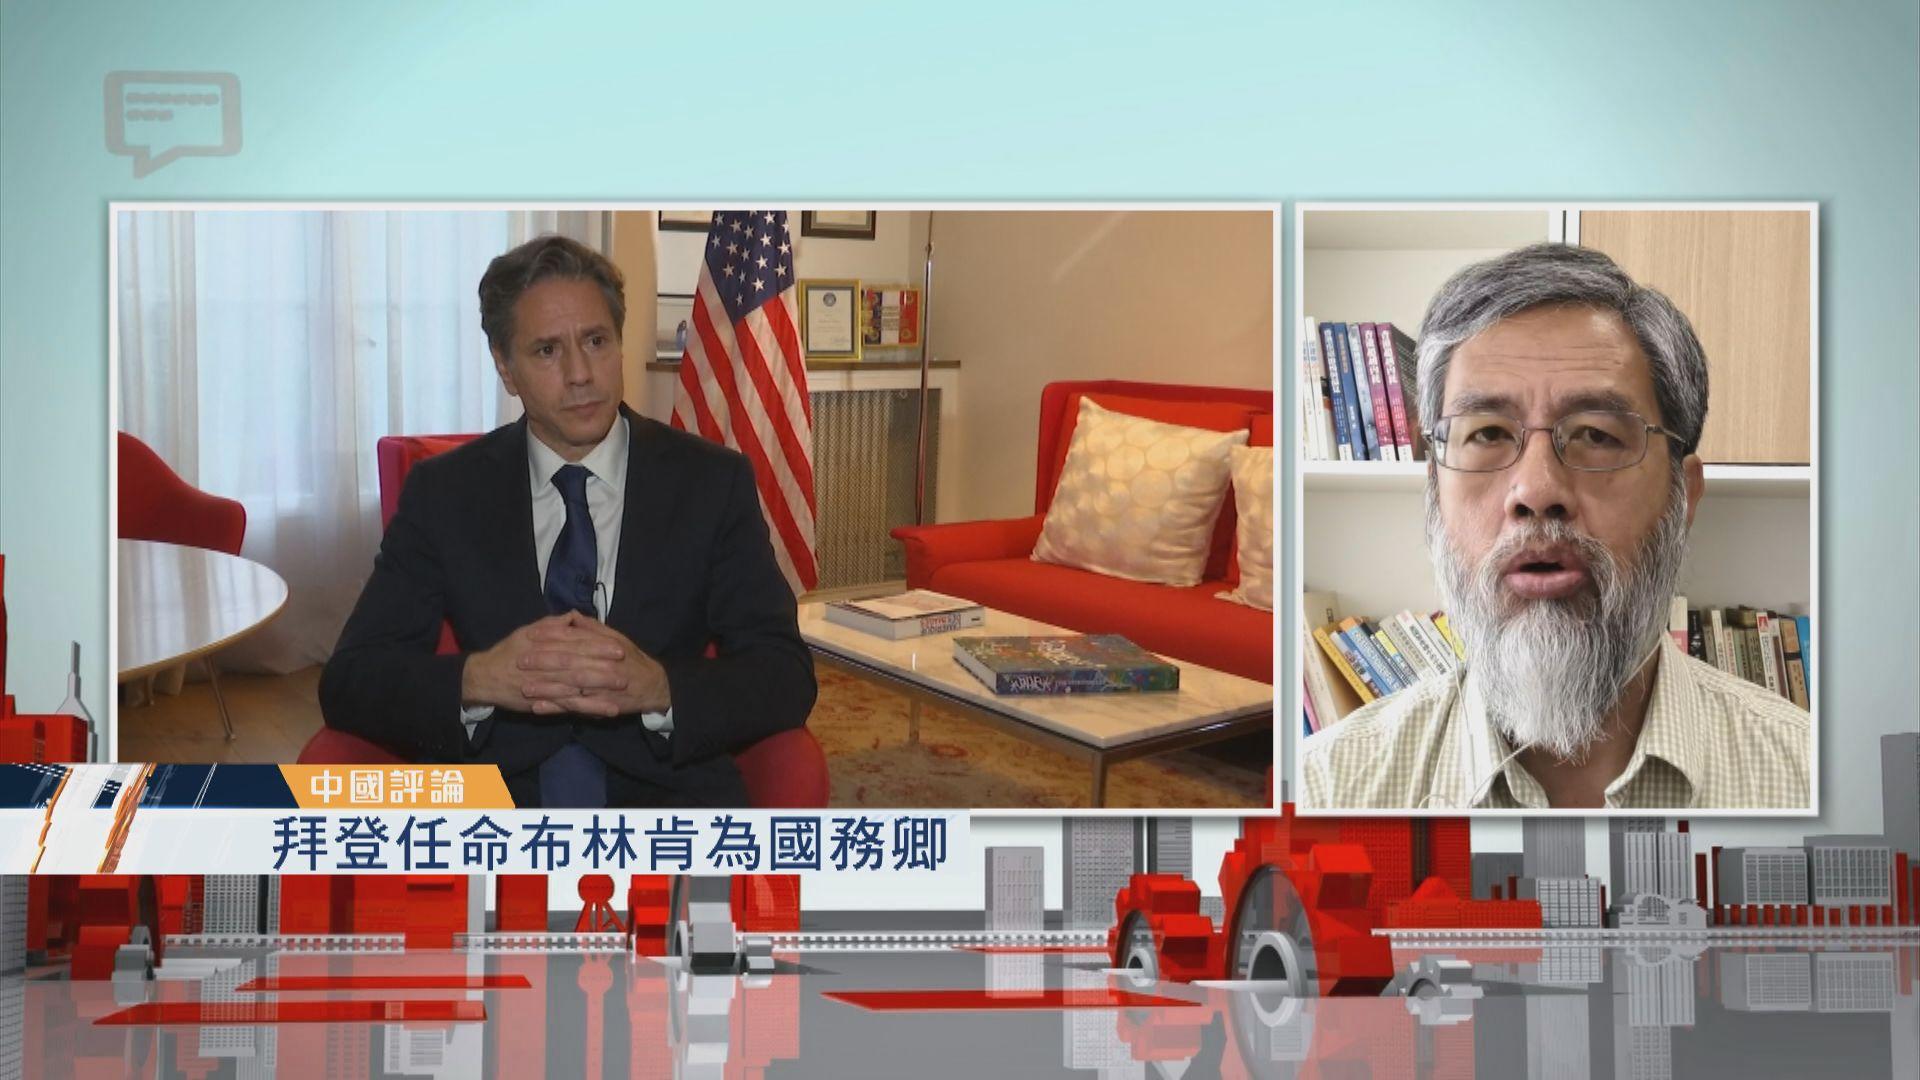 【中國評論】拜登任命布林肯為國務卿/嫦娥五號奔月